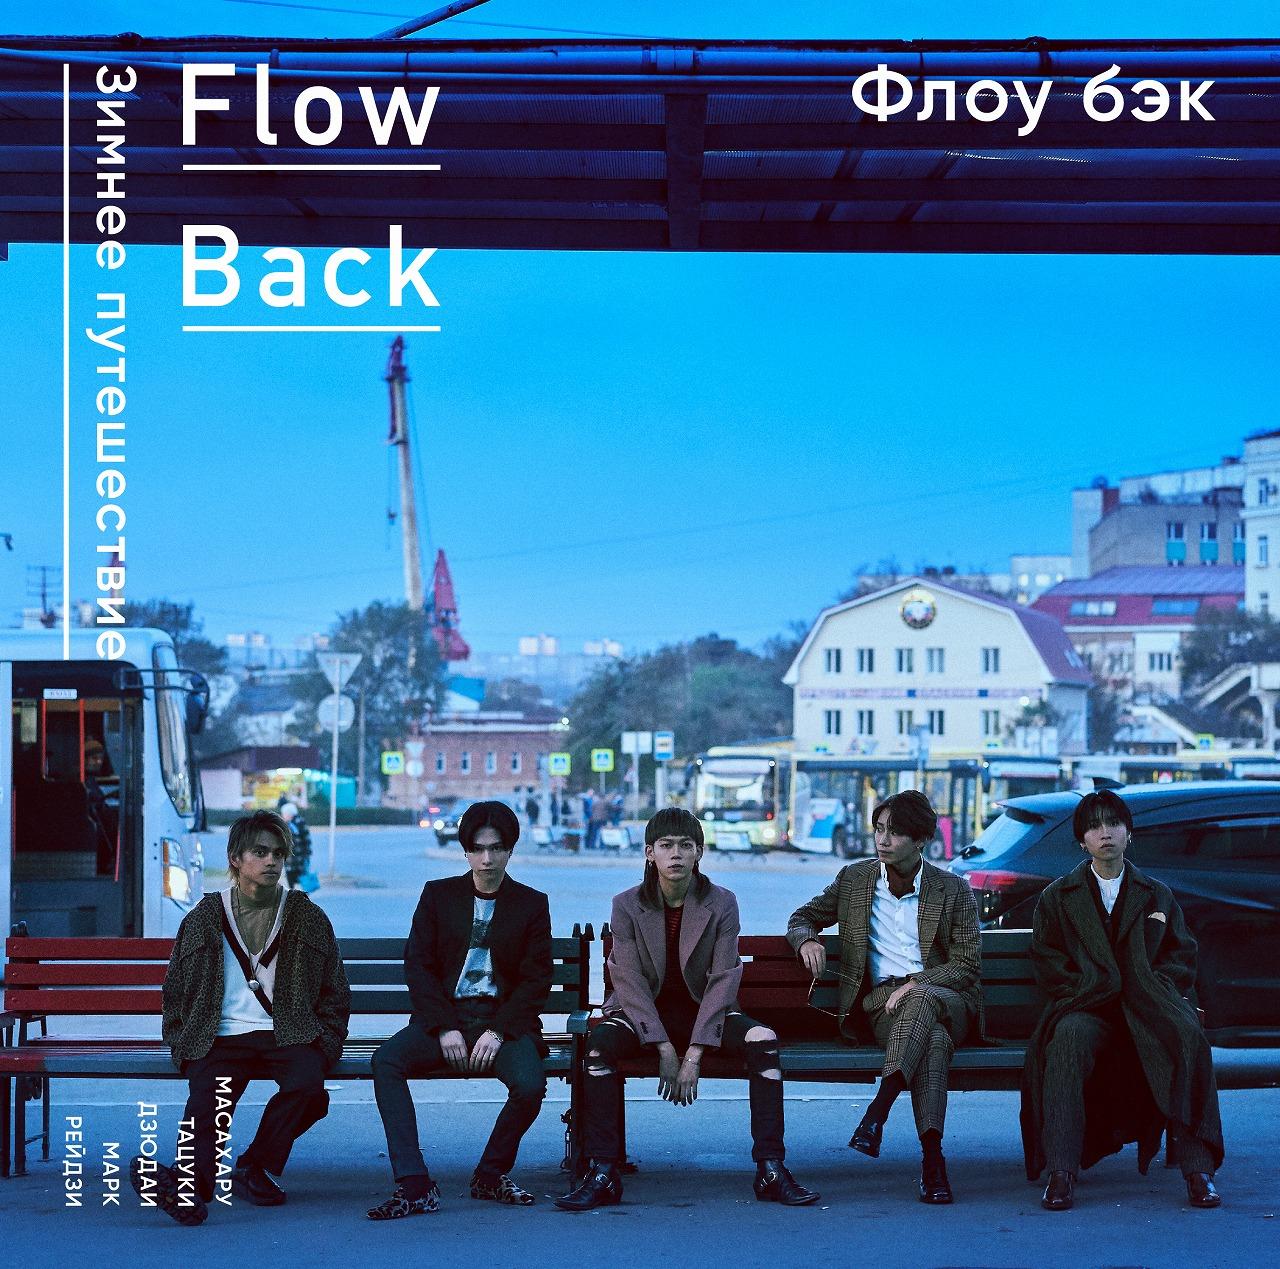 flowback-2